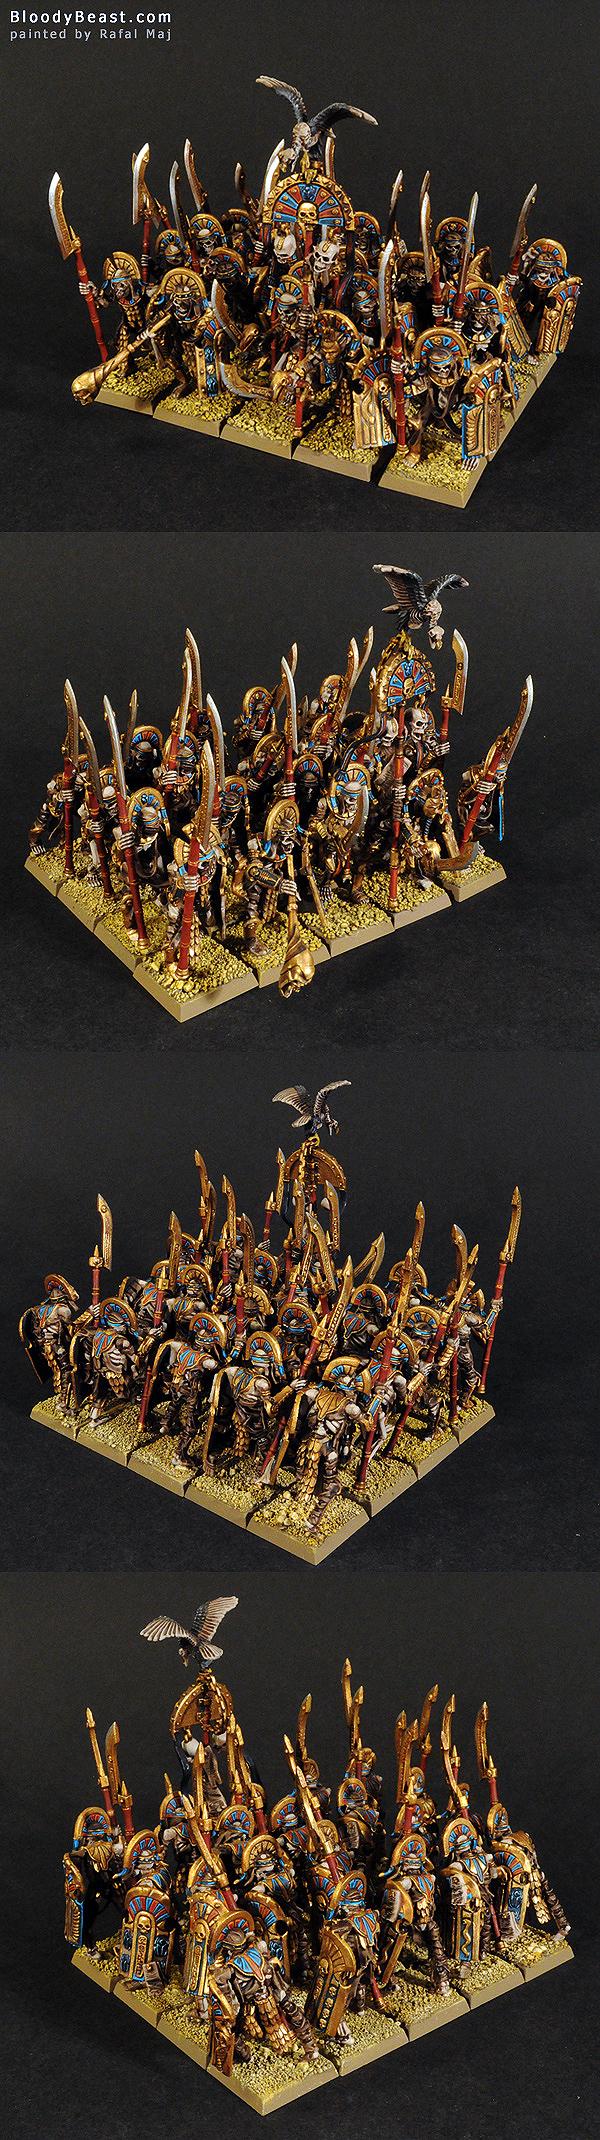 Tomb Kings Tomb Guard Regiment painted by Rafal Maj (BloodyBeast.com)